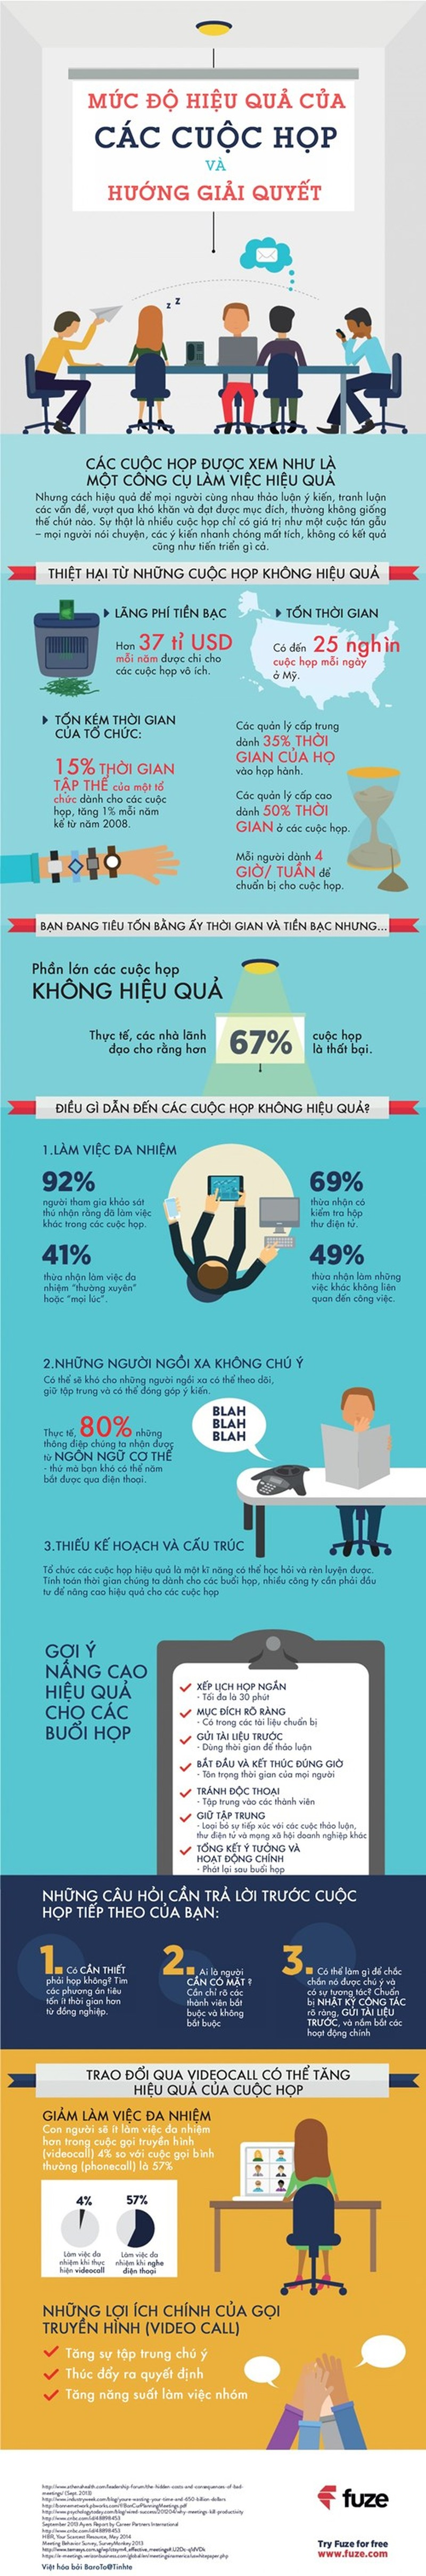 Infographic: Hiệu quả và giải pháp cho các cuộc họp  - ảnh 1